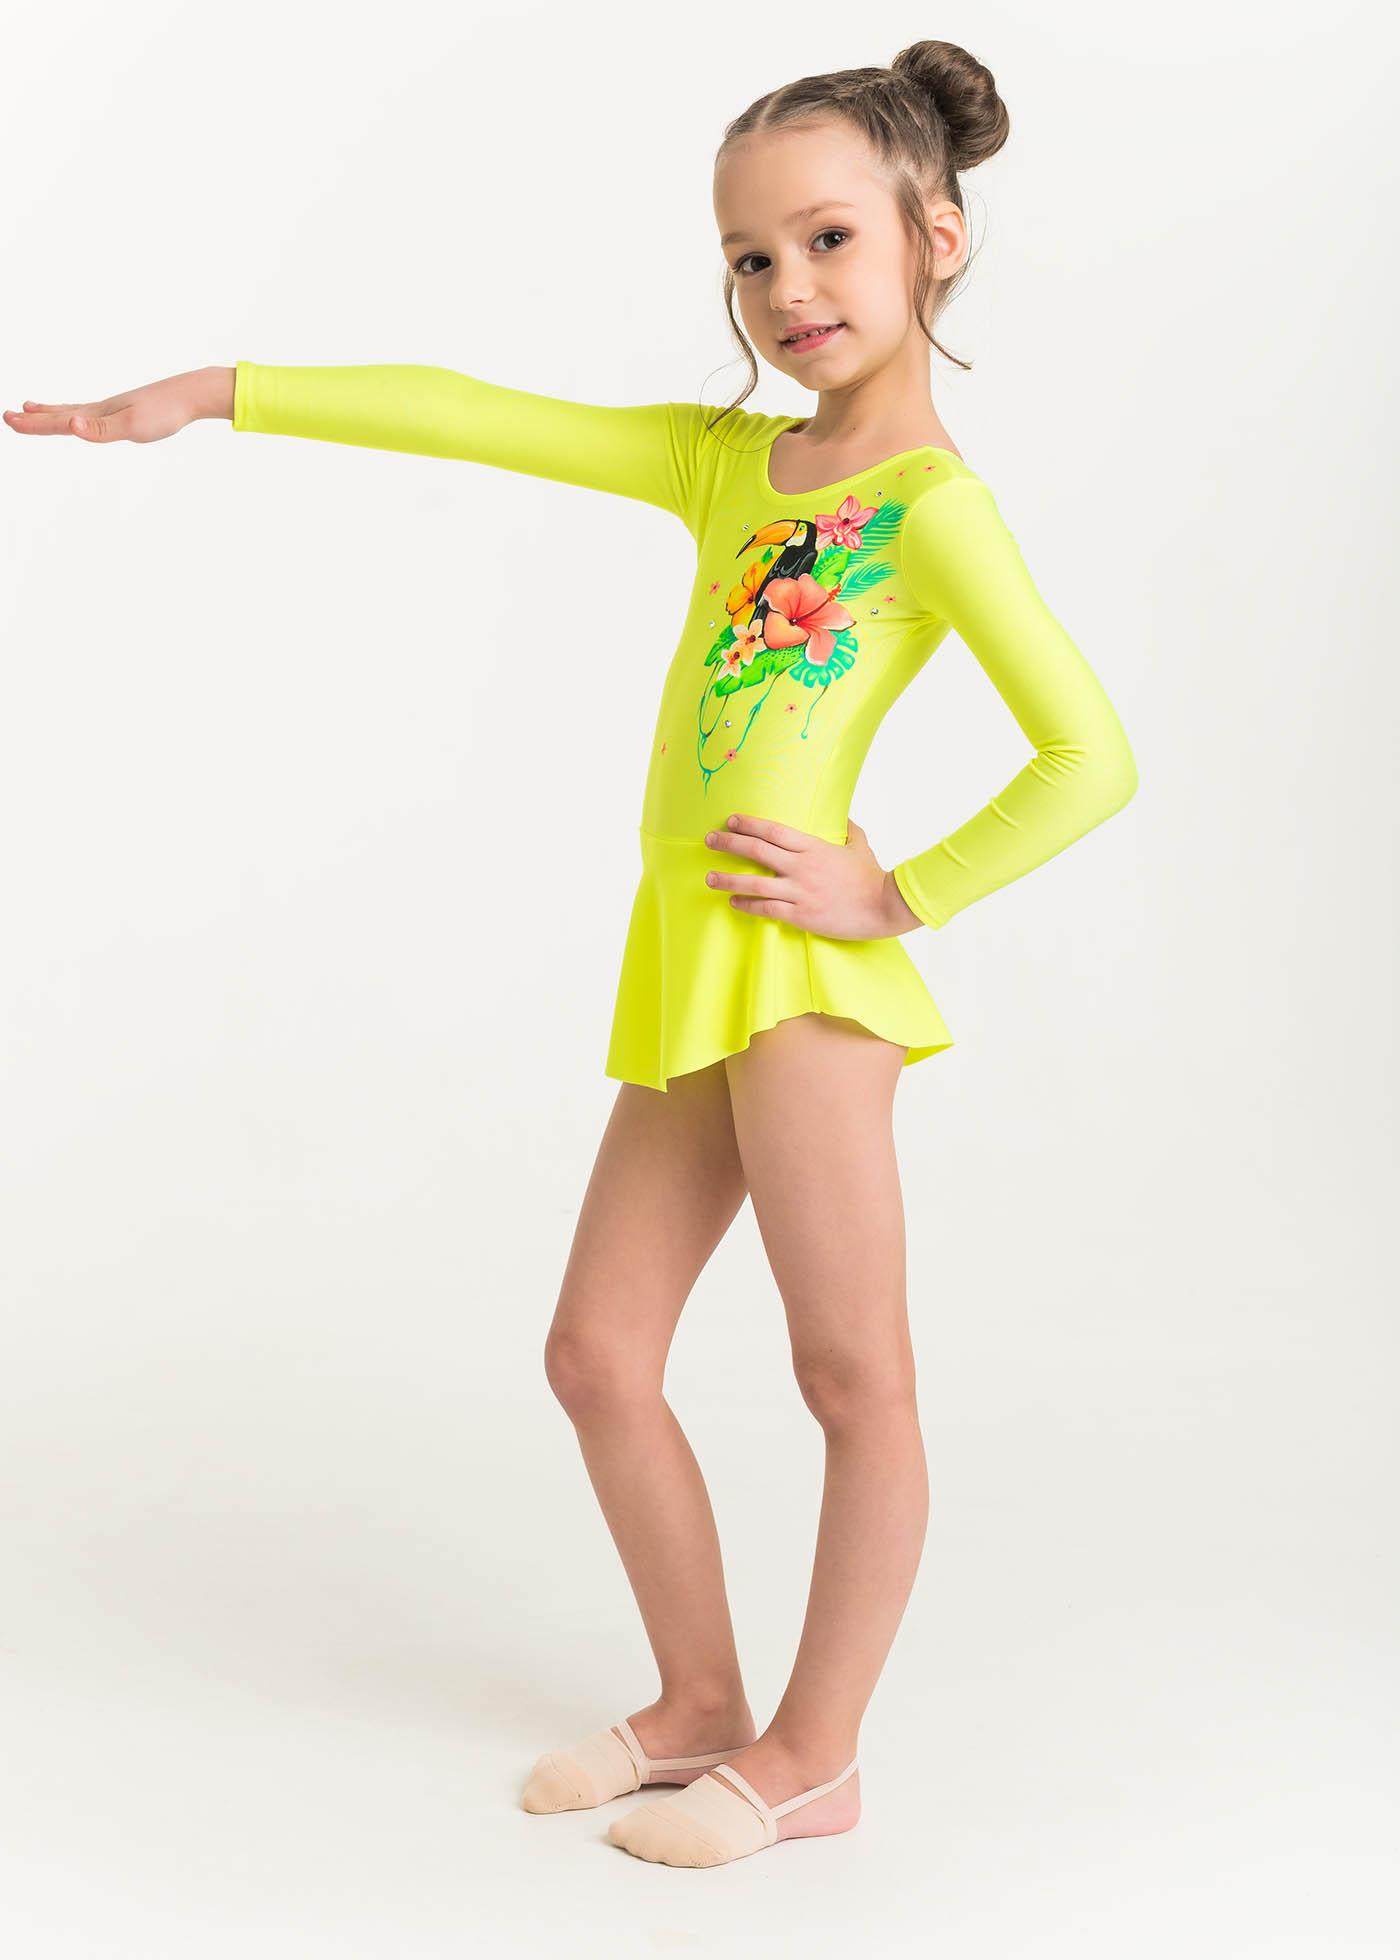 Rhythmic gymnastics, Tropics, pic 3